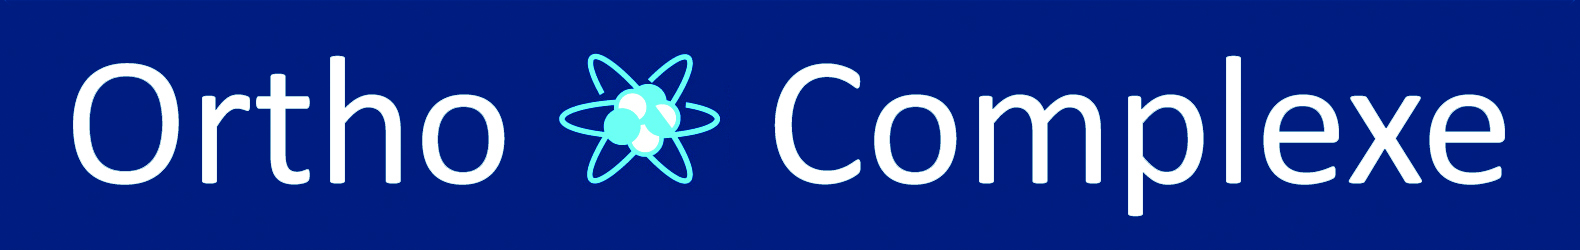 logo orthocomplexe3